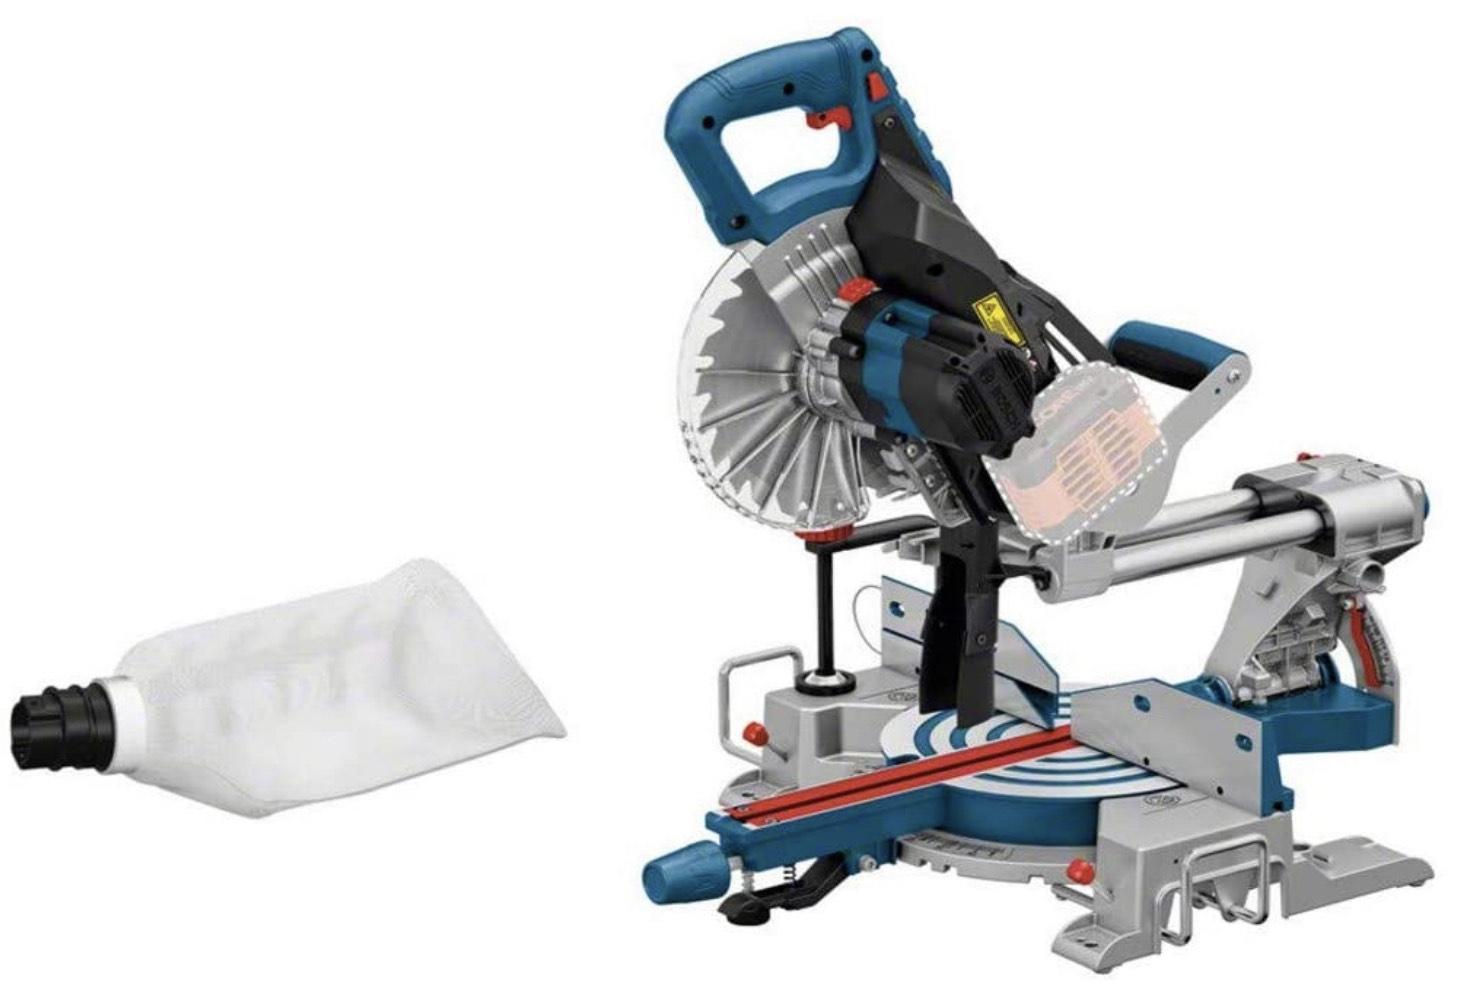 Bosch Professional GCM 18V-216 + Handwerkzeug - Für Prime Mitglieder